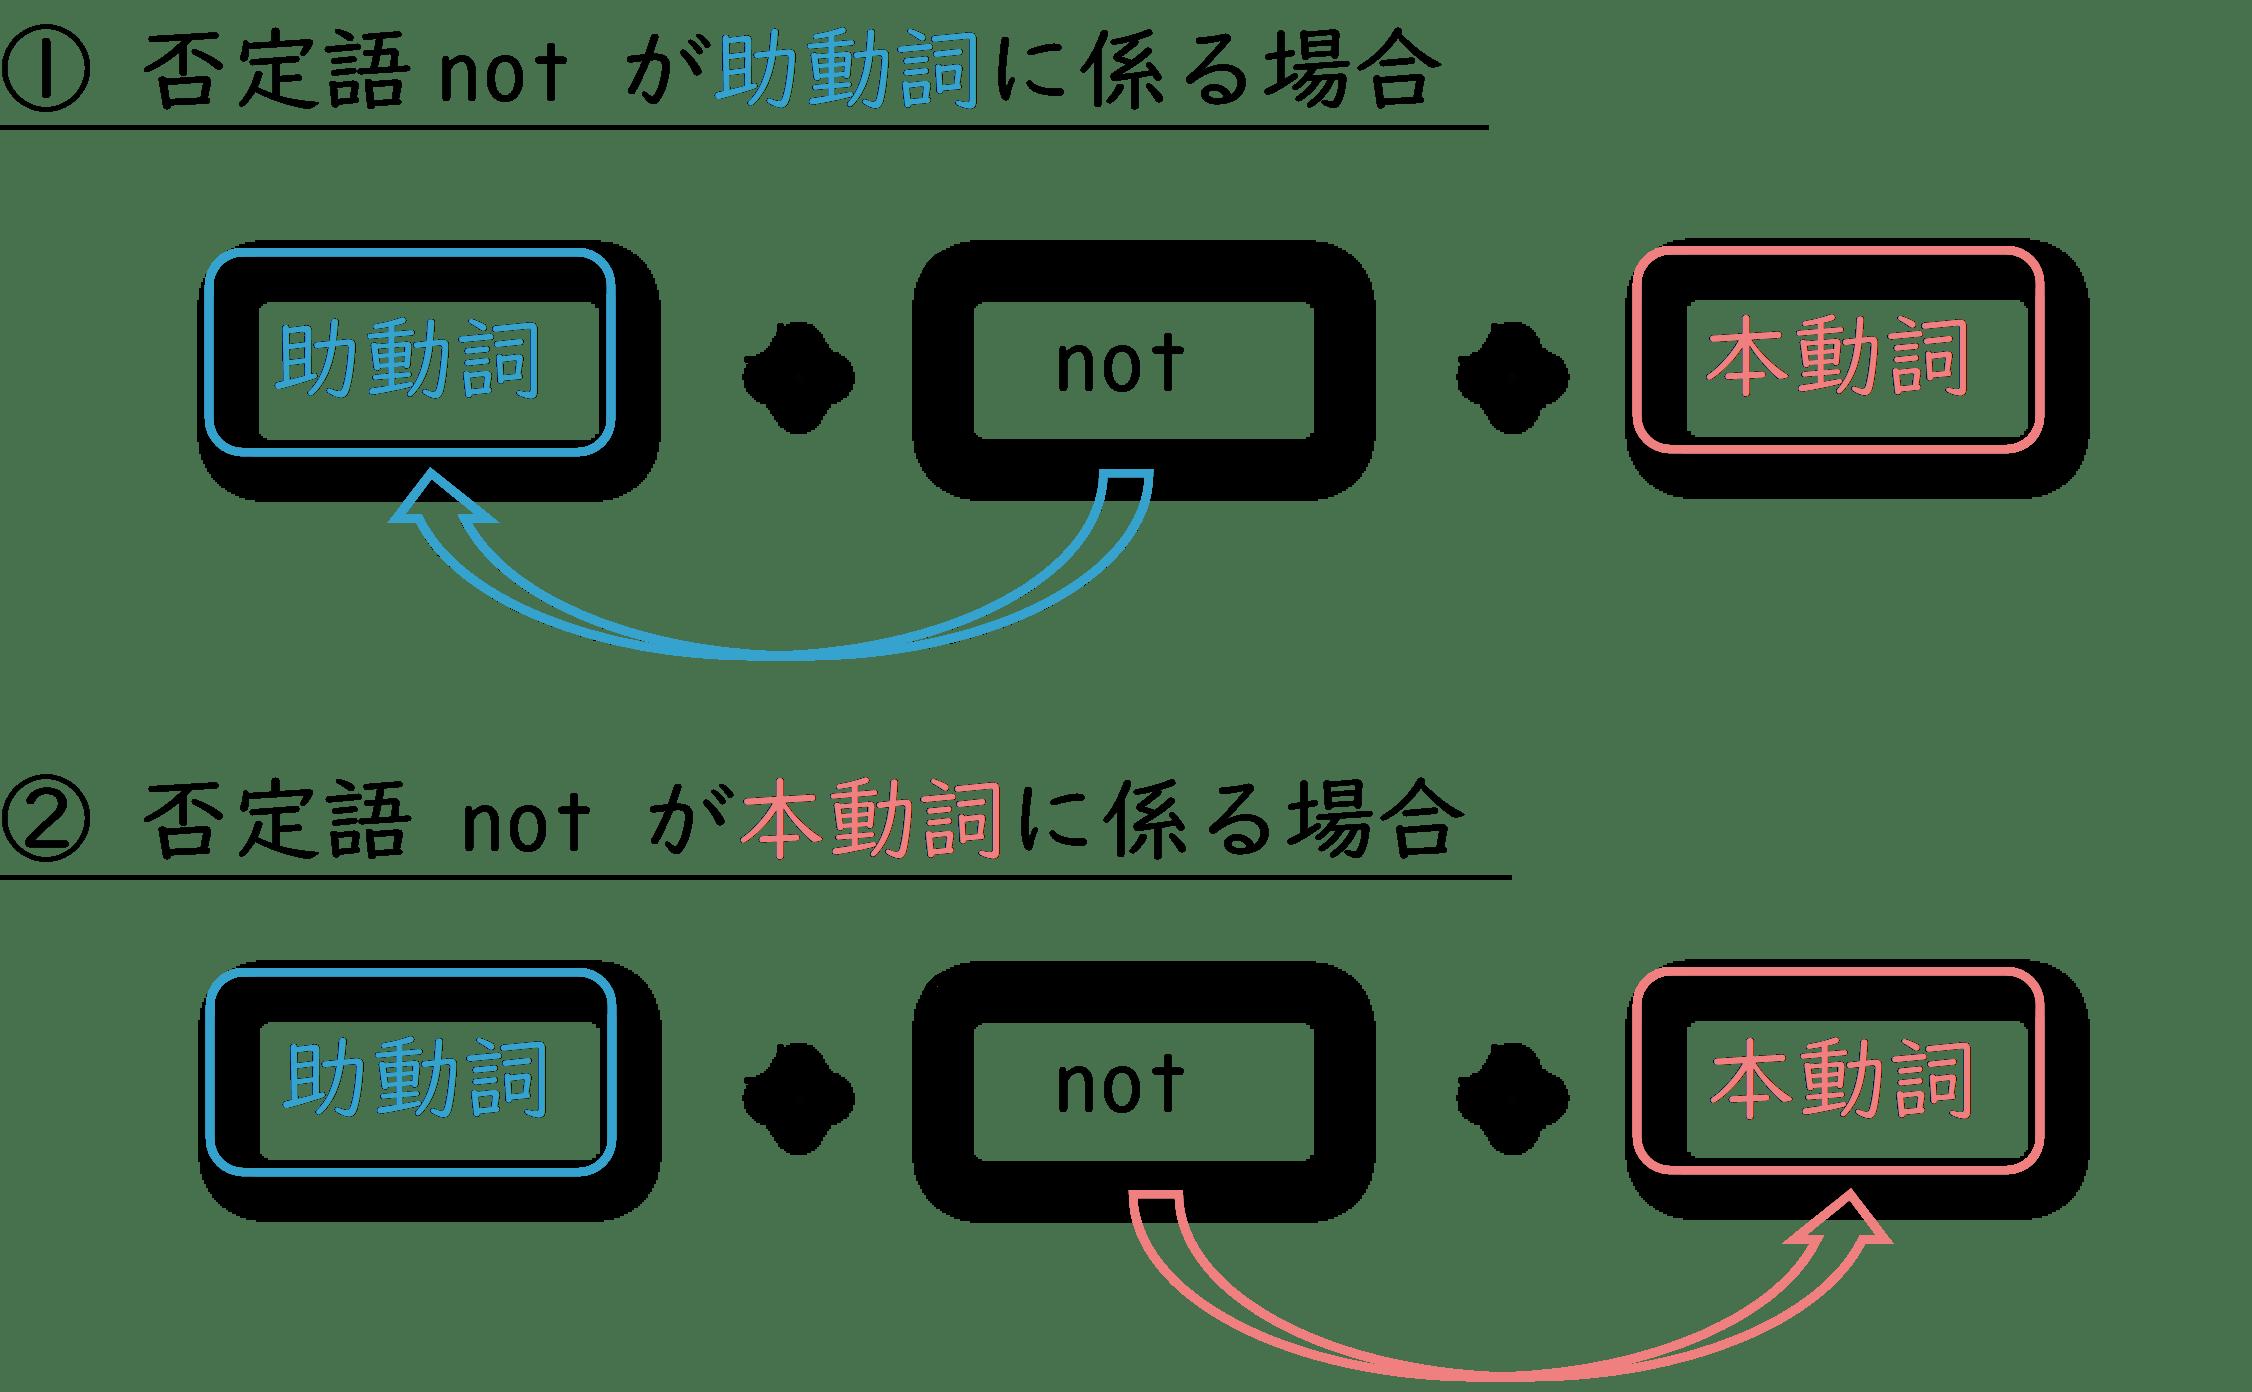 助動詞の否定